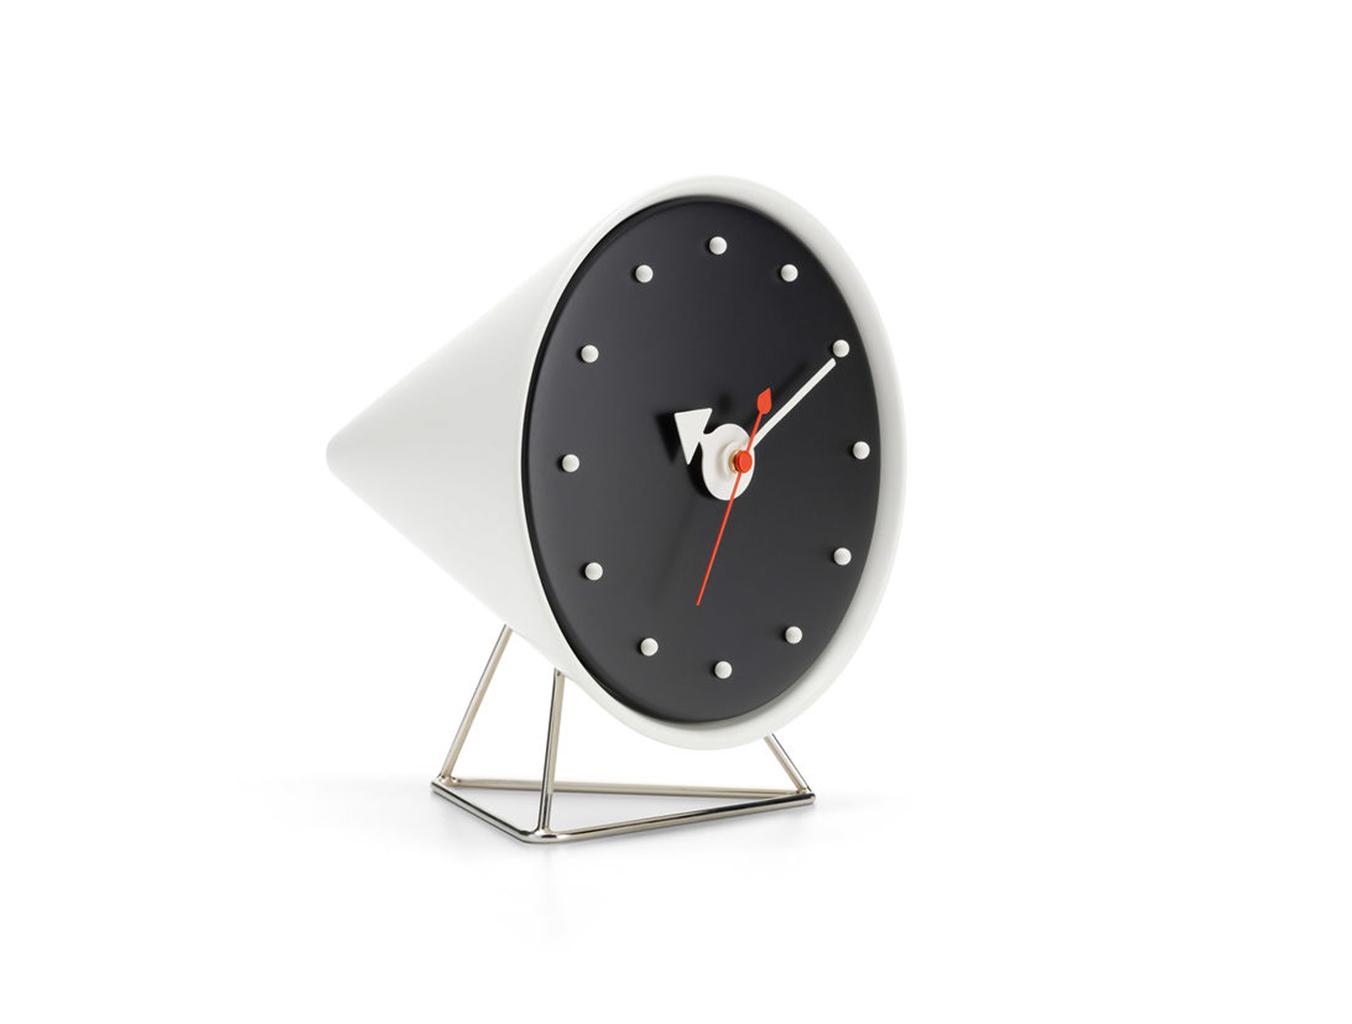 附件|钟表|创意家具|现代家居|时尚家具|设计师家具|定制家具|实木家具|台钟